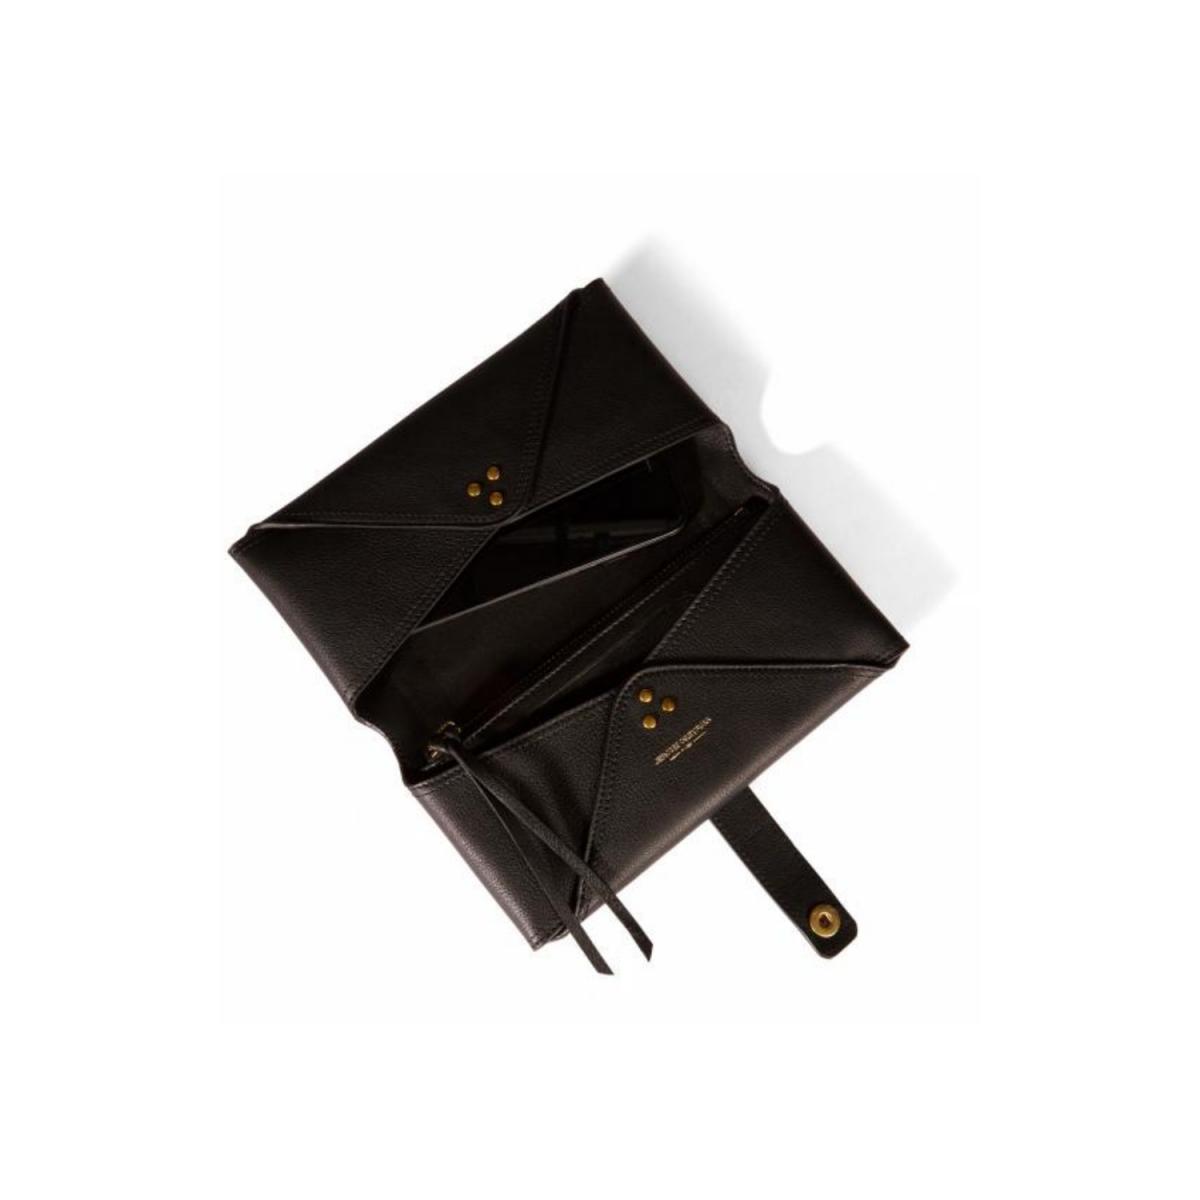 Porte mobile L - noir brass - til mobil